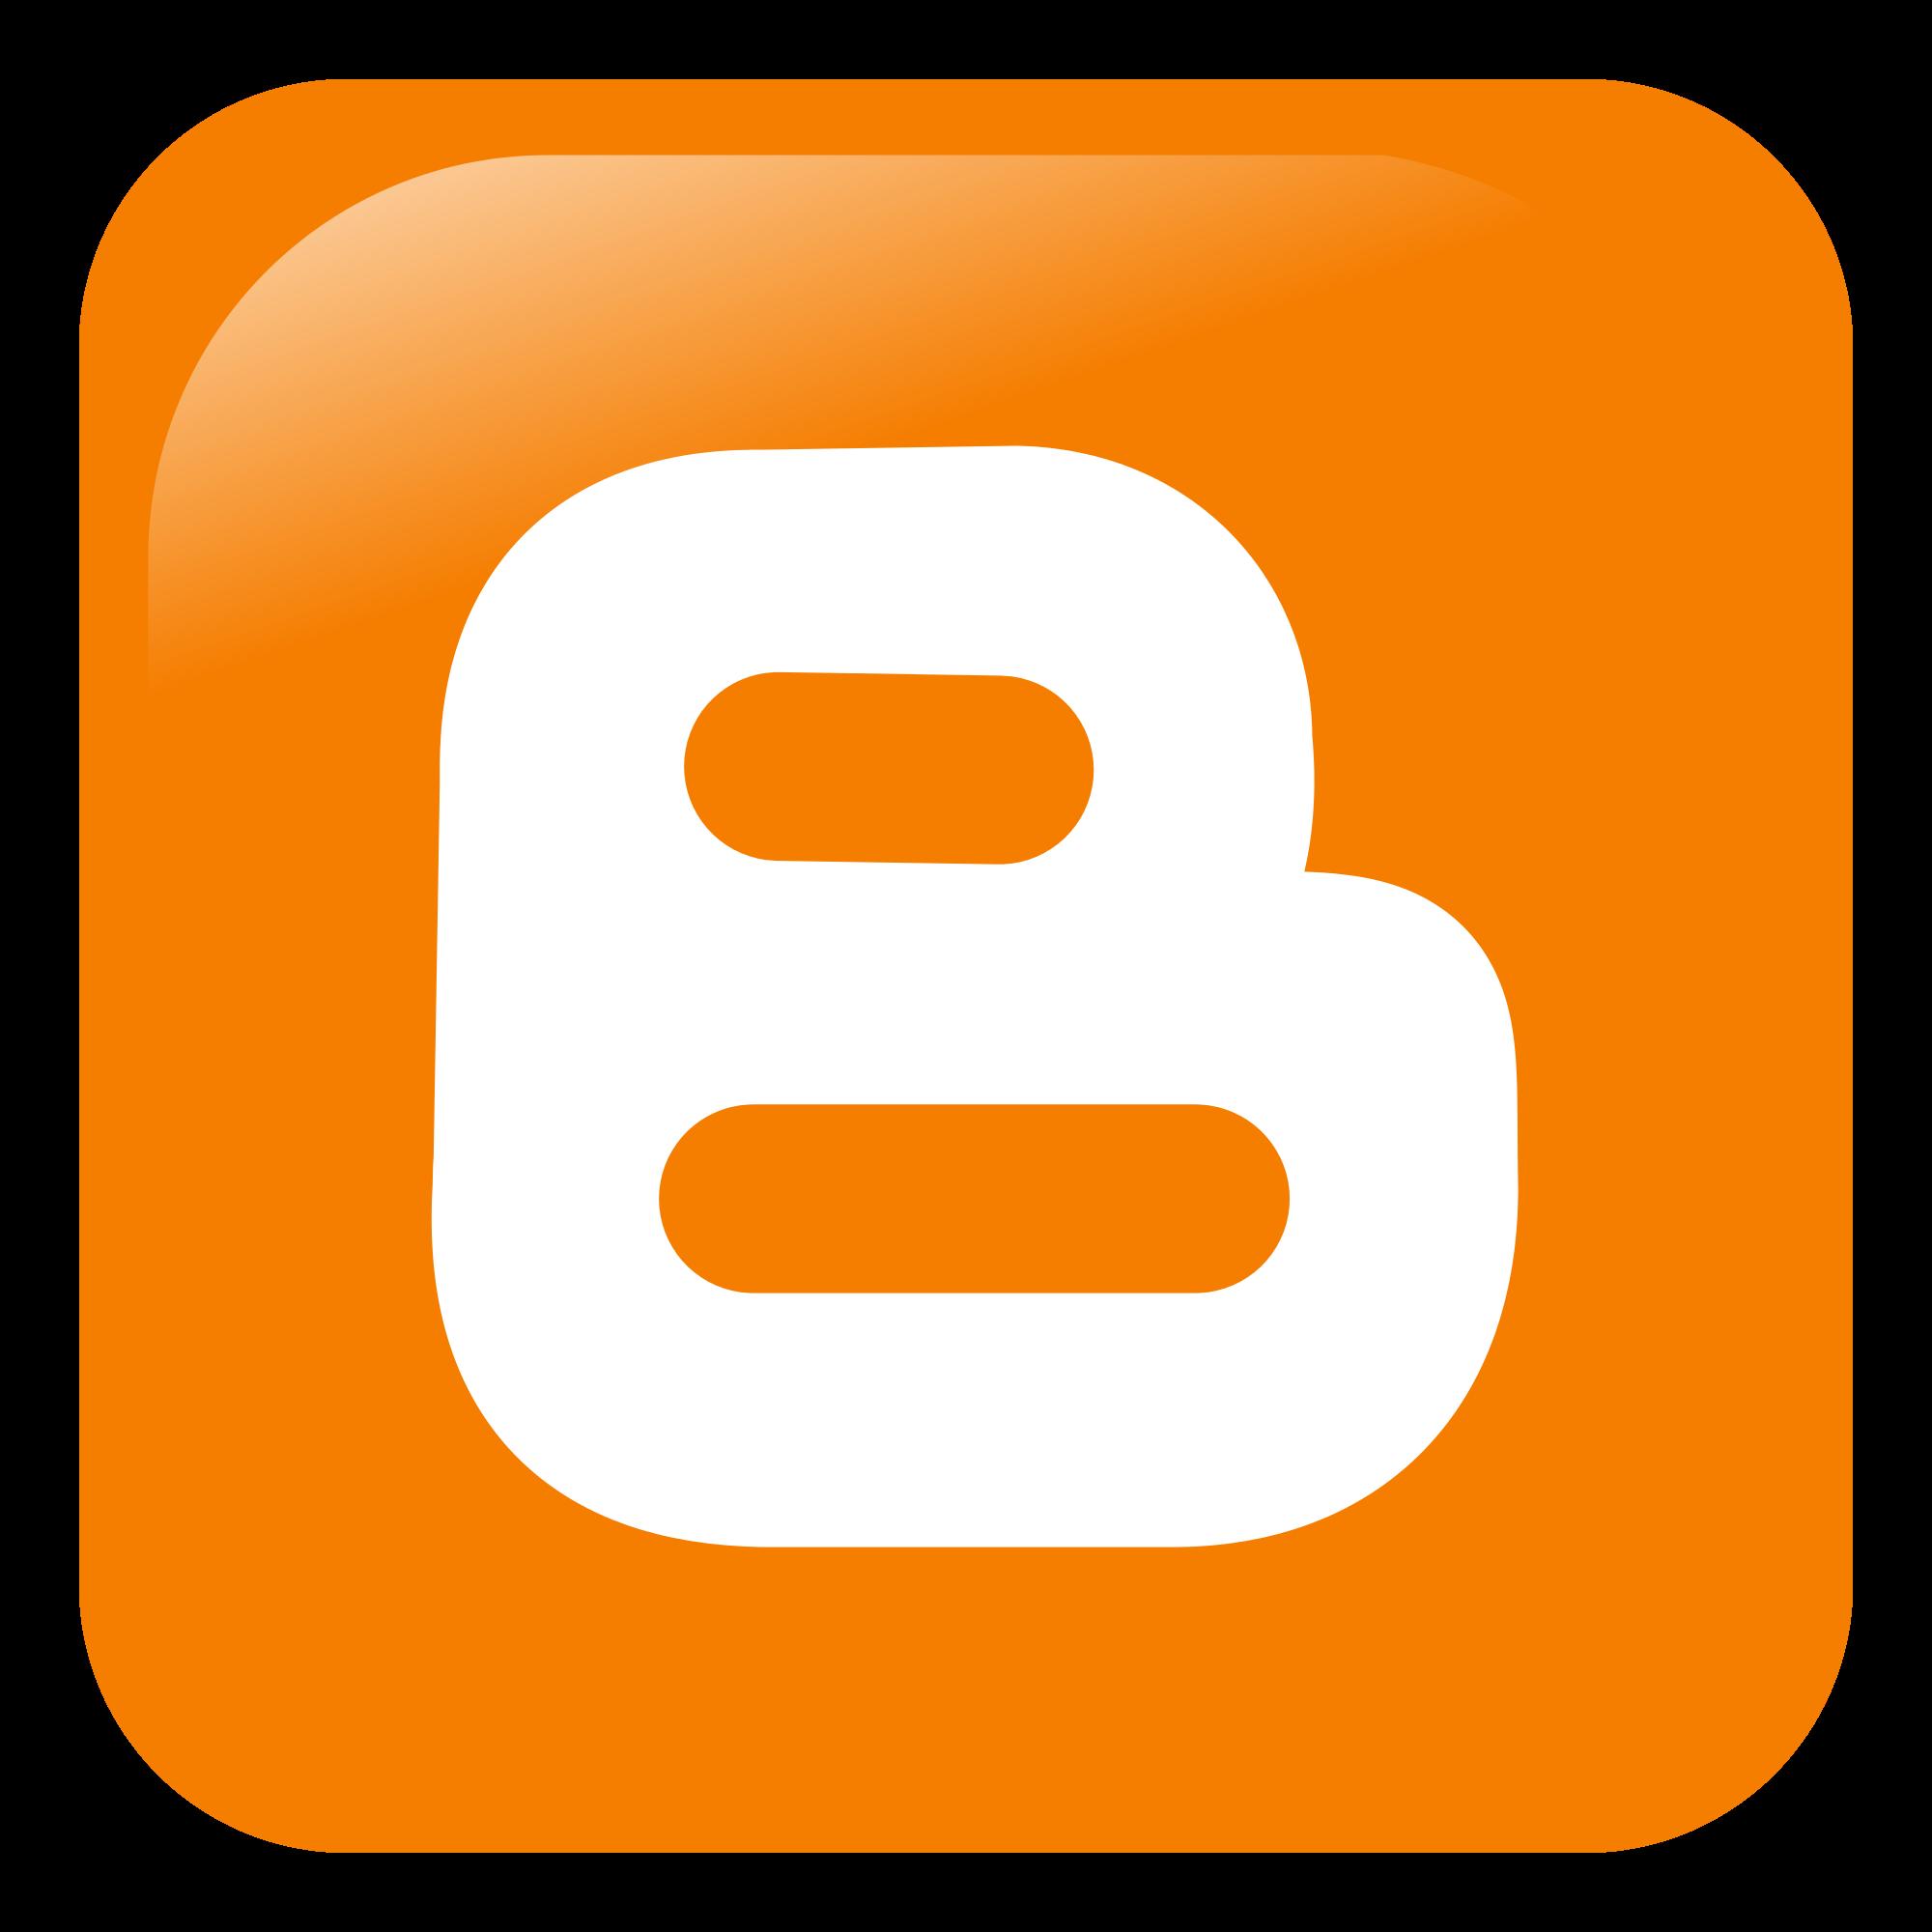 blogger: tanto la app o la plataforma web para publicar la información